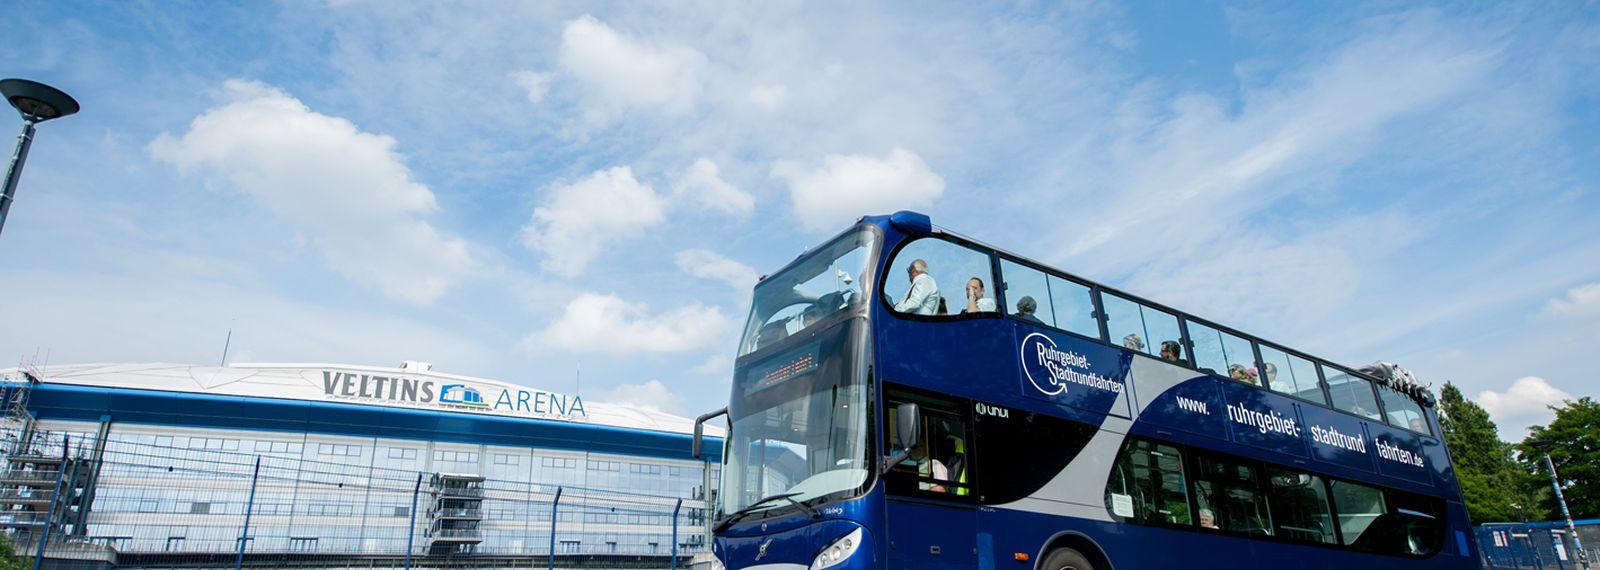 Bus vor der Veltinsarena Gelsenkirchen